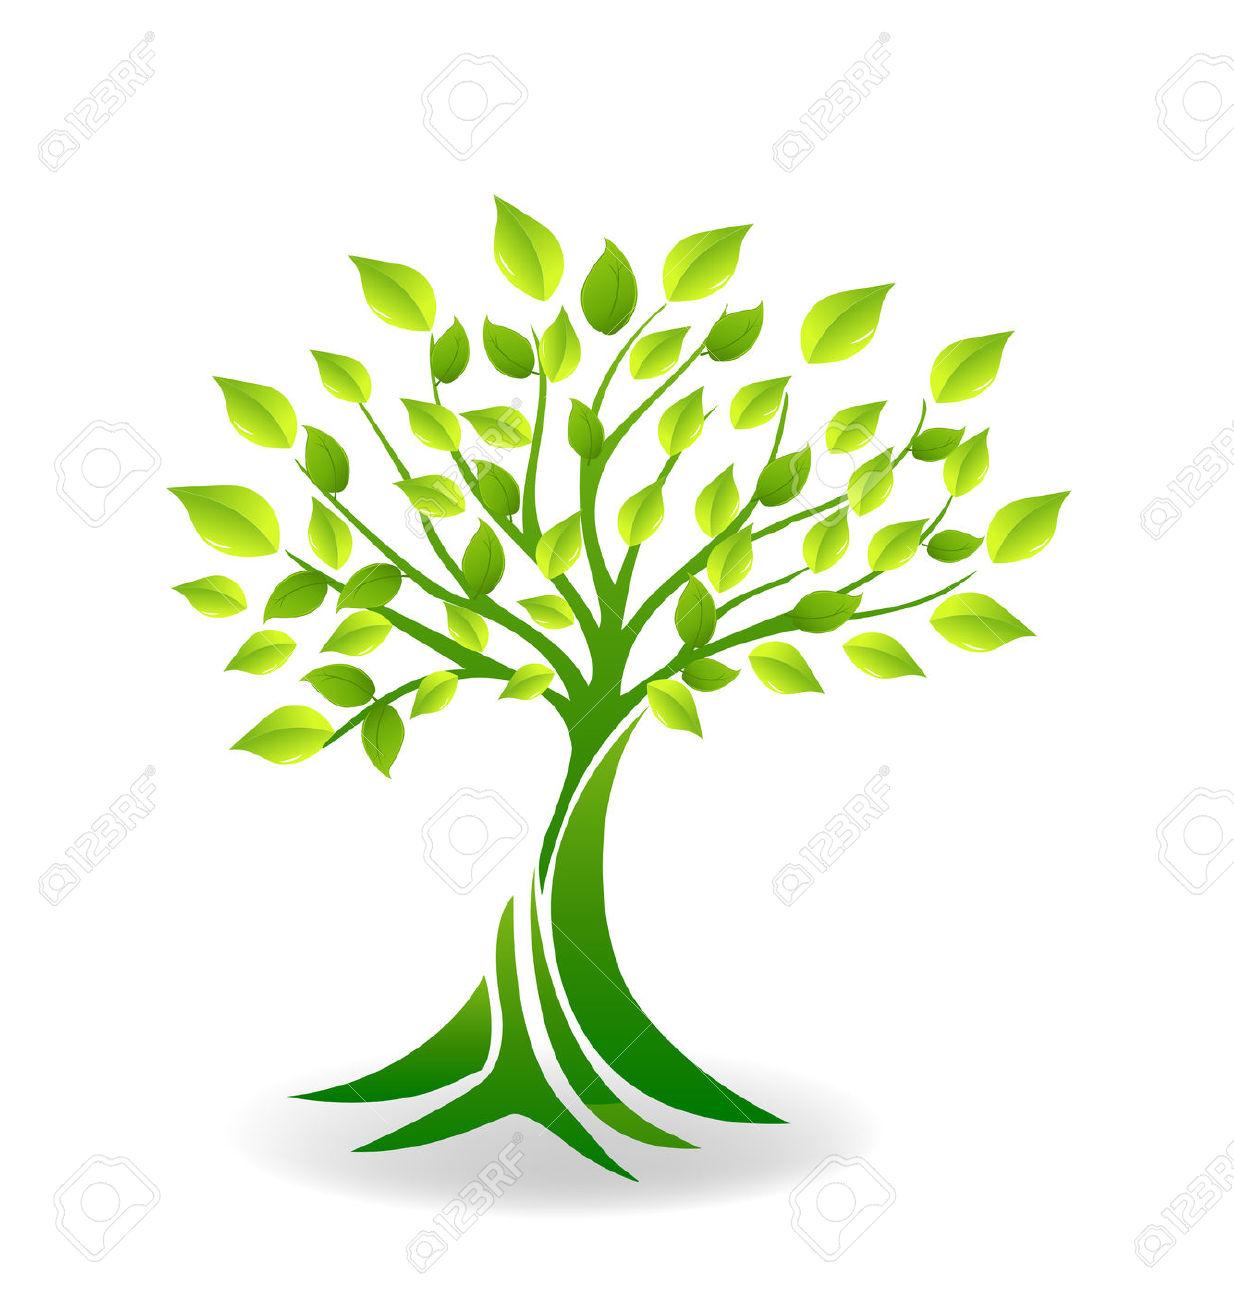 40999046 ecologie arbre logo vecteur banque d images wmnidn